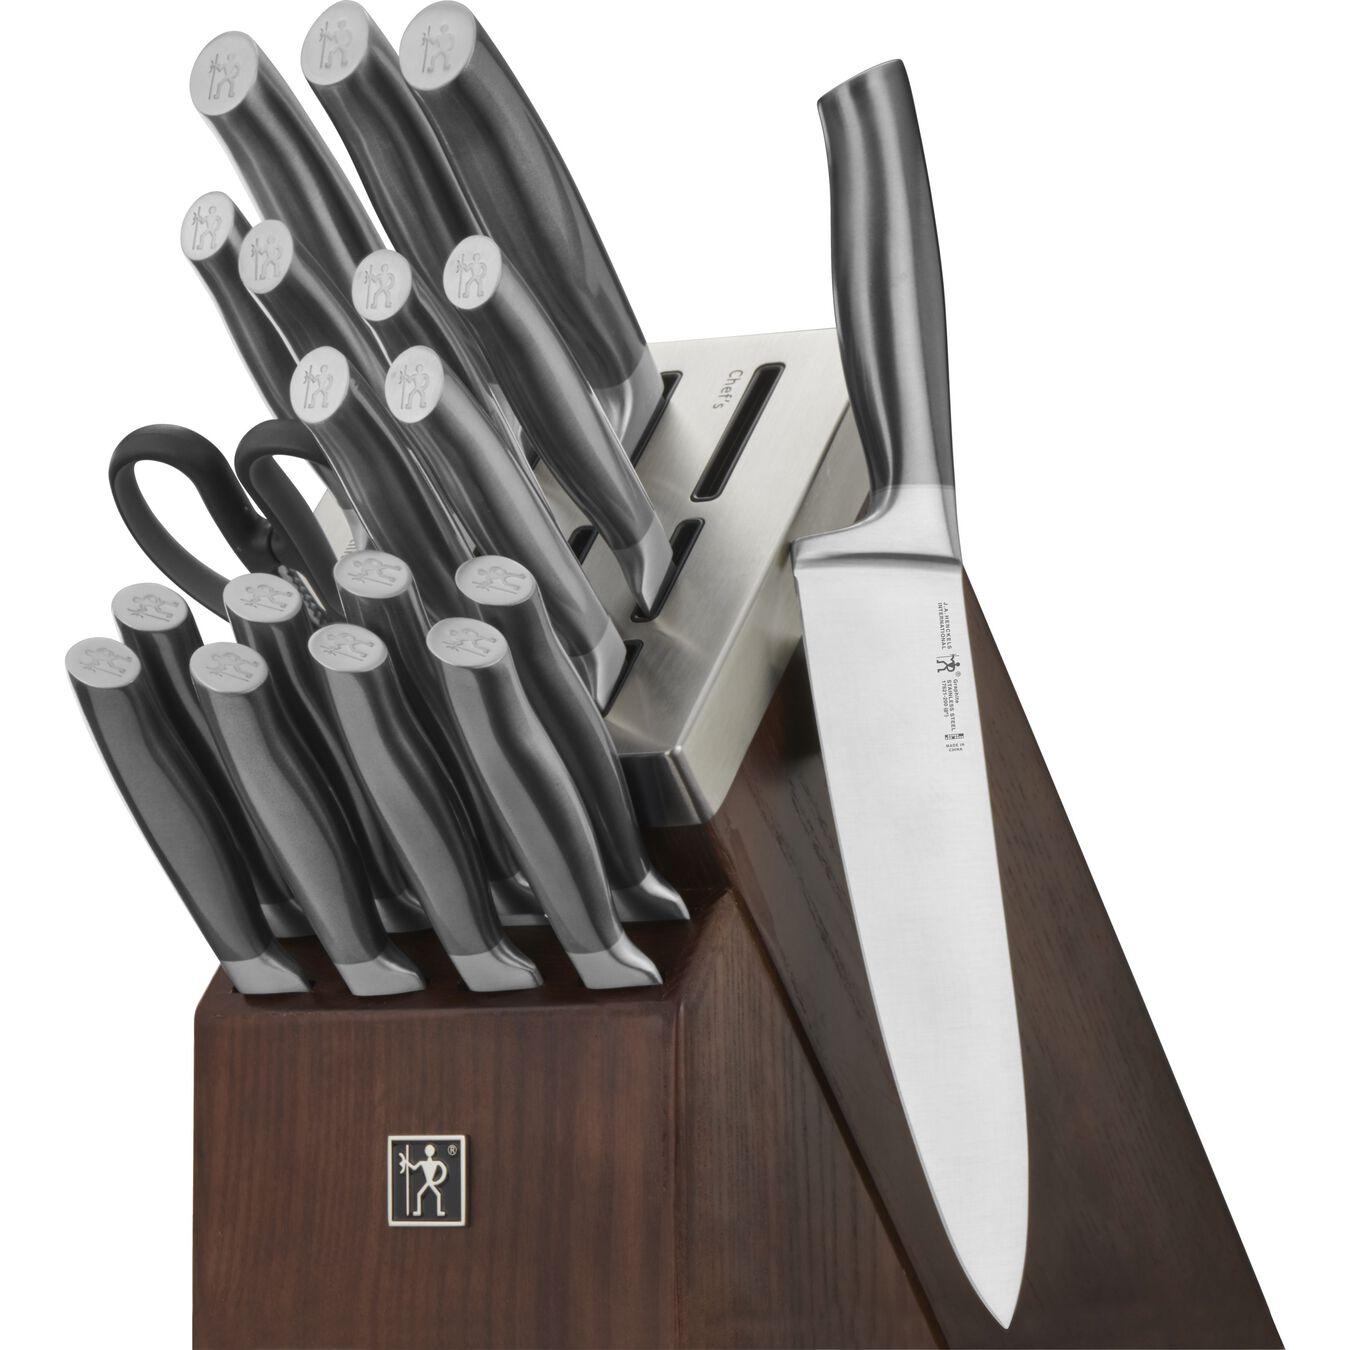 Graphite 20-pc Self-Sharpening Block Set,,large 1